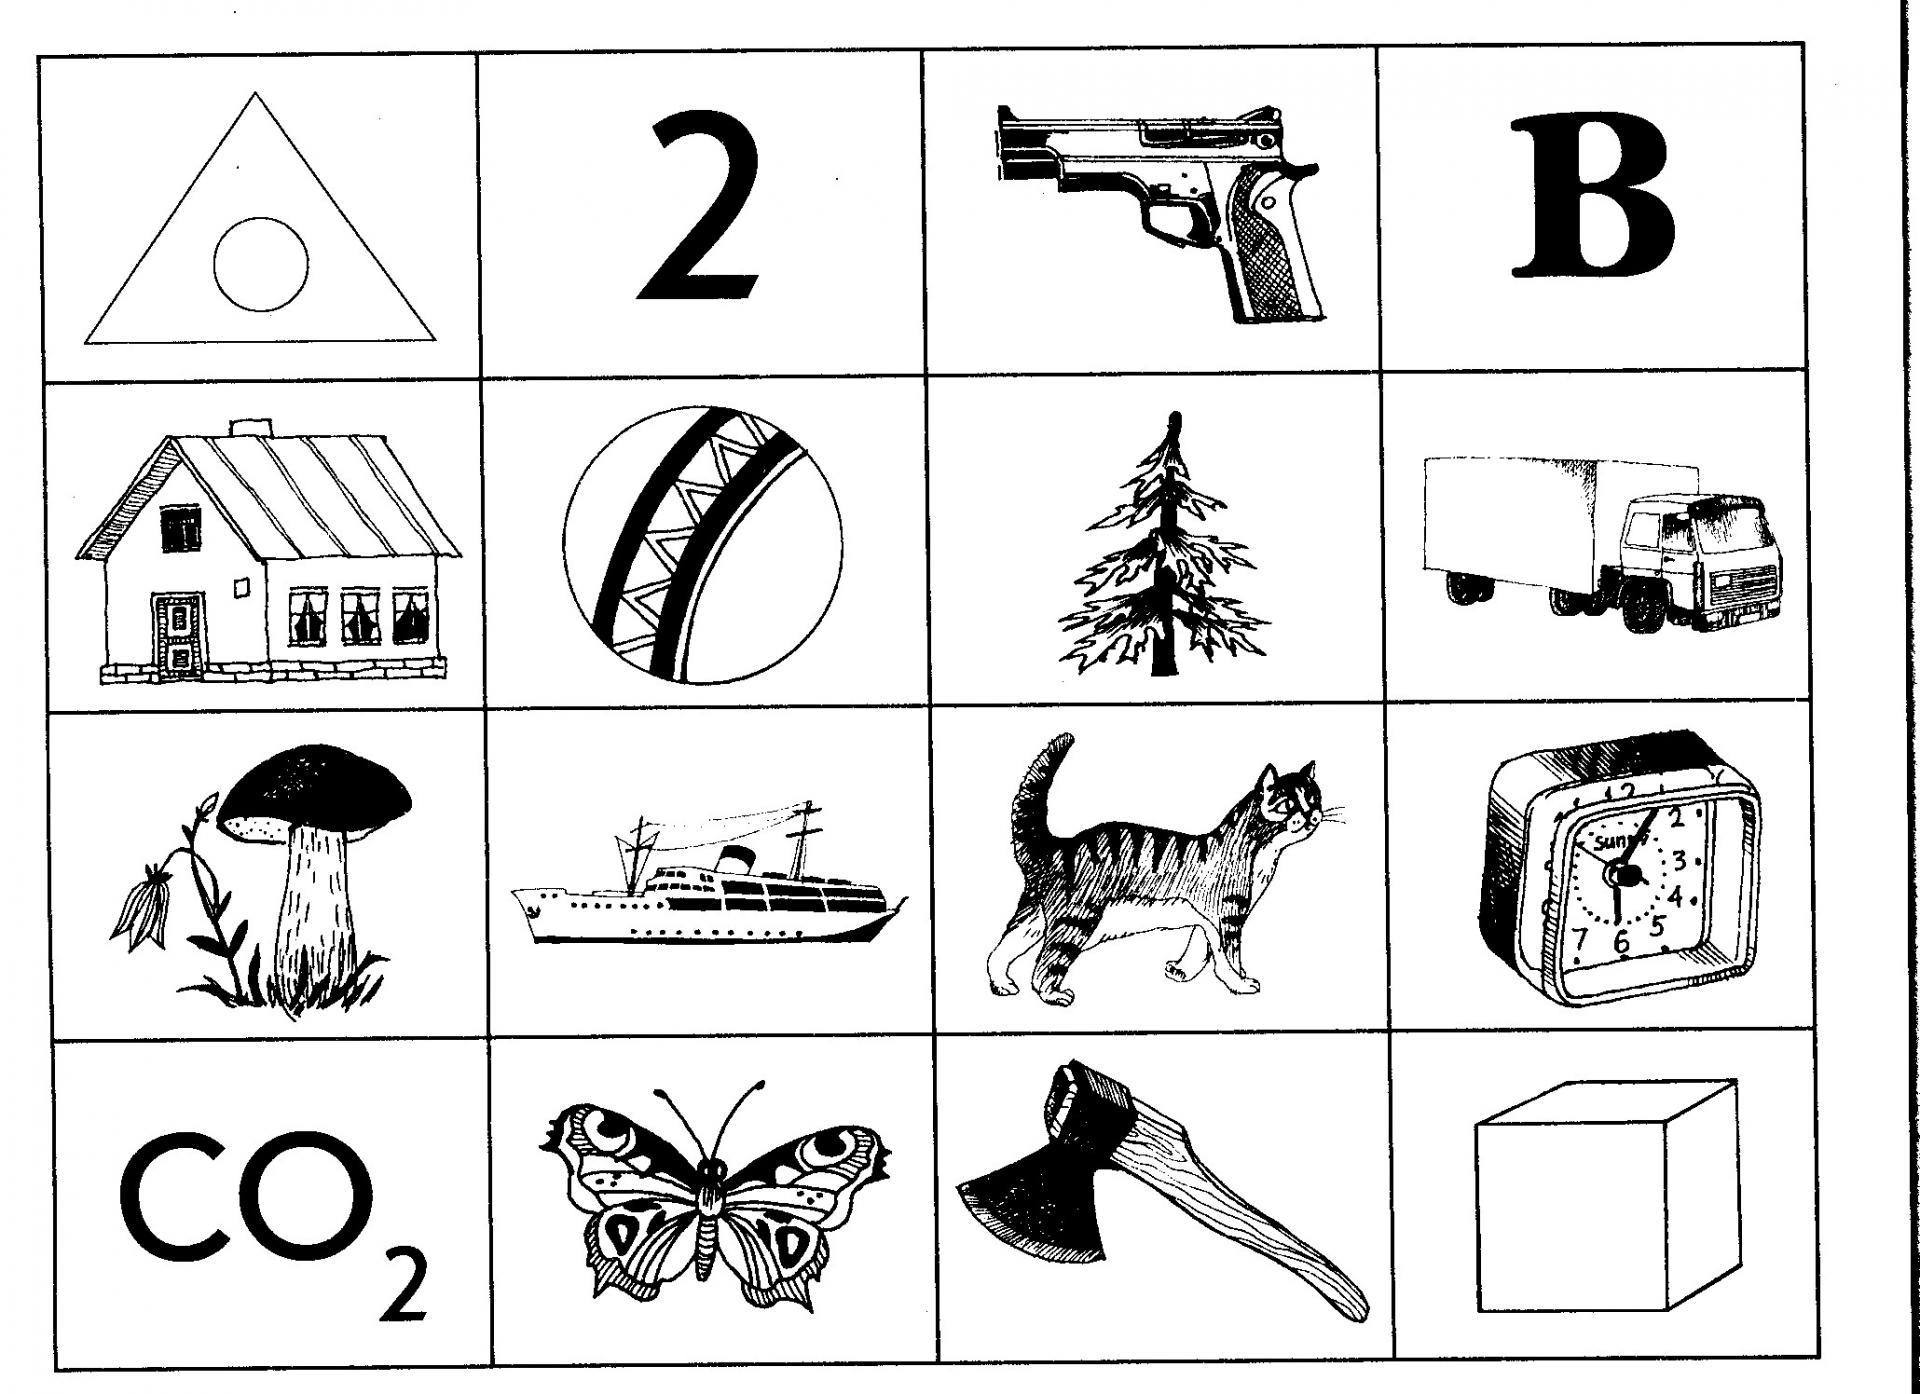 картинки на зрительную память с наименованиями садоводы, данной